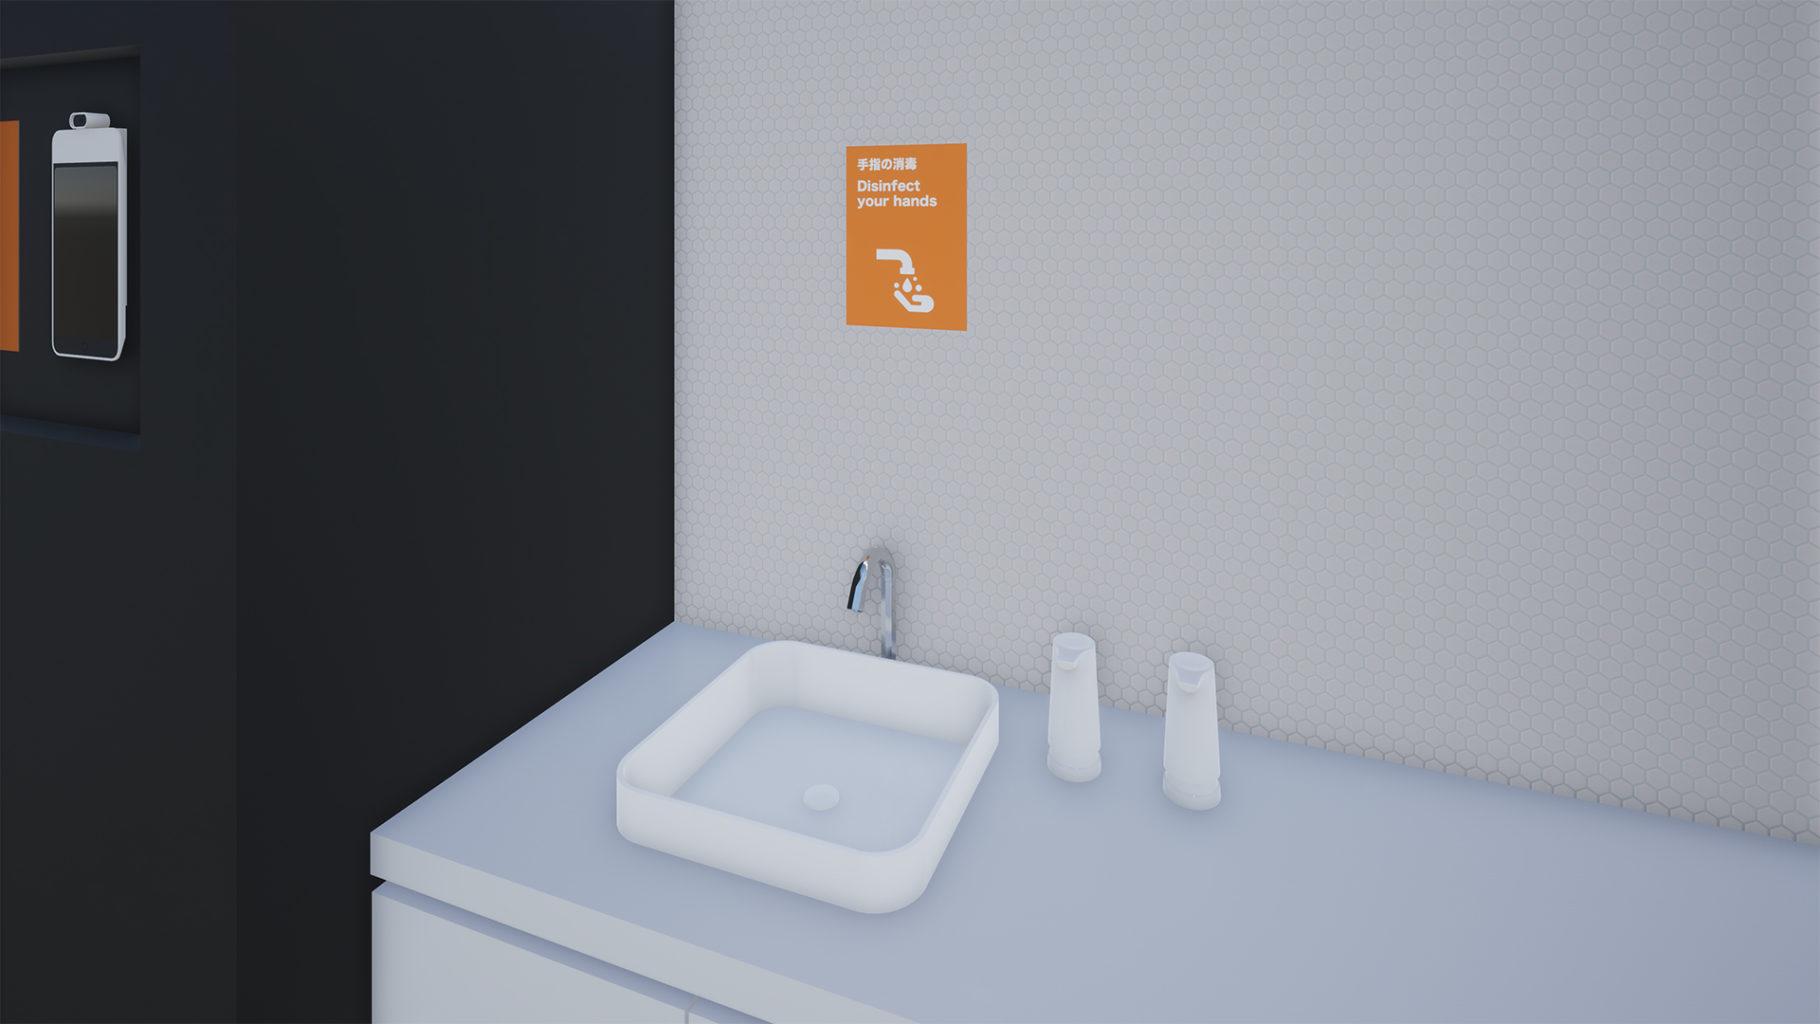 ポストコロナにおけるオフィスの社員の通用口に設けられた手洗器のイメージ